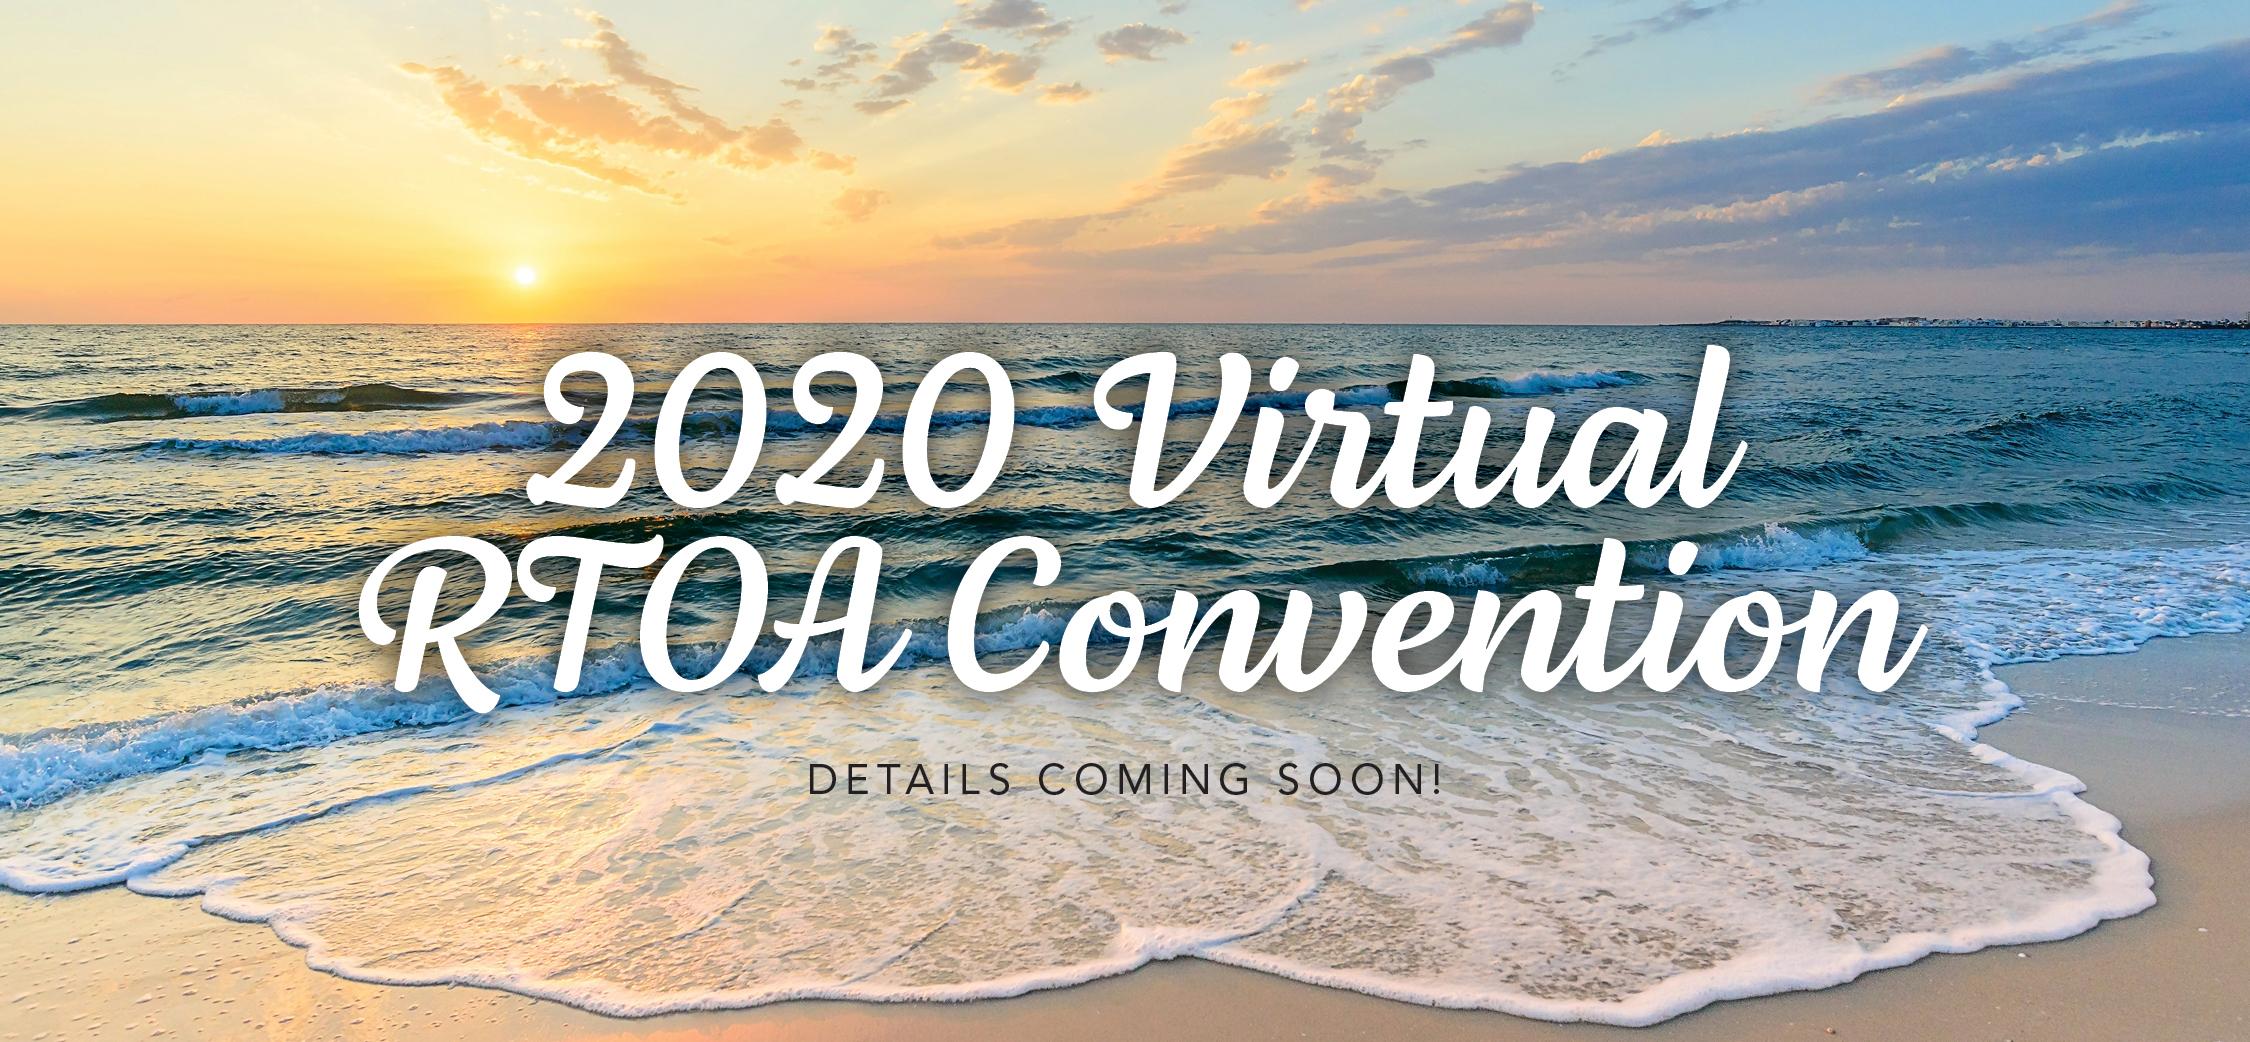 2020 Virtual RTOA Convention